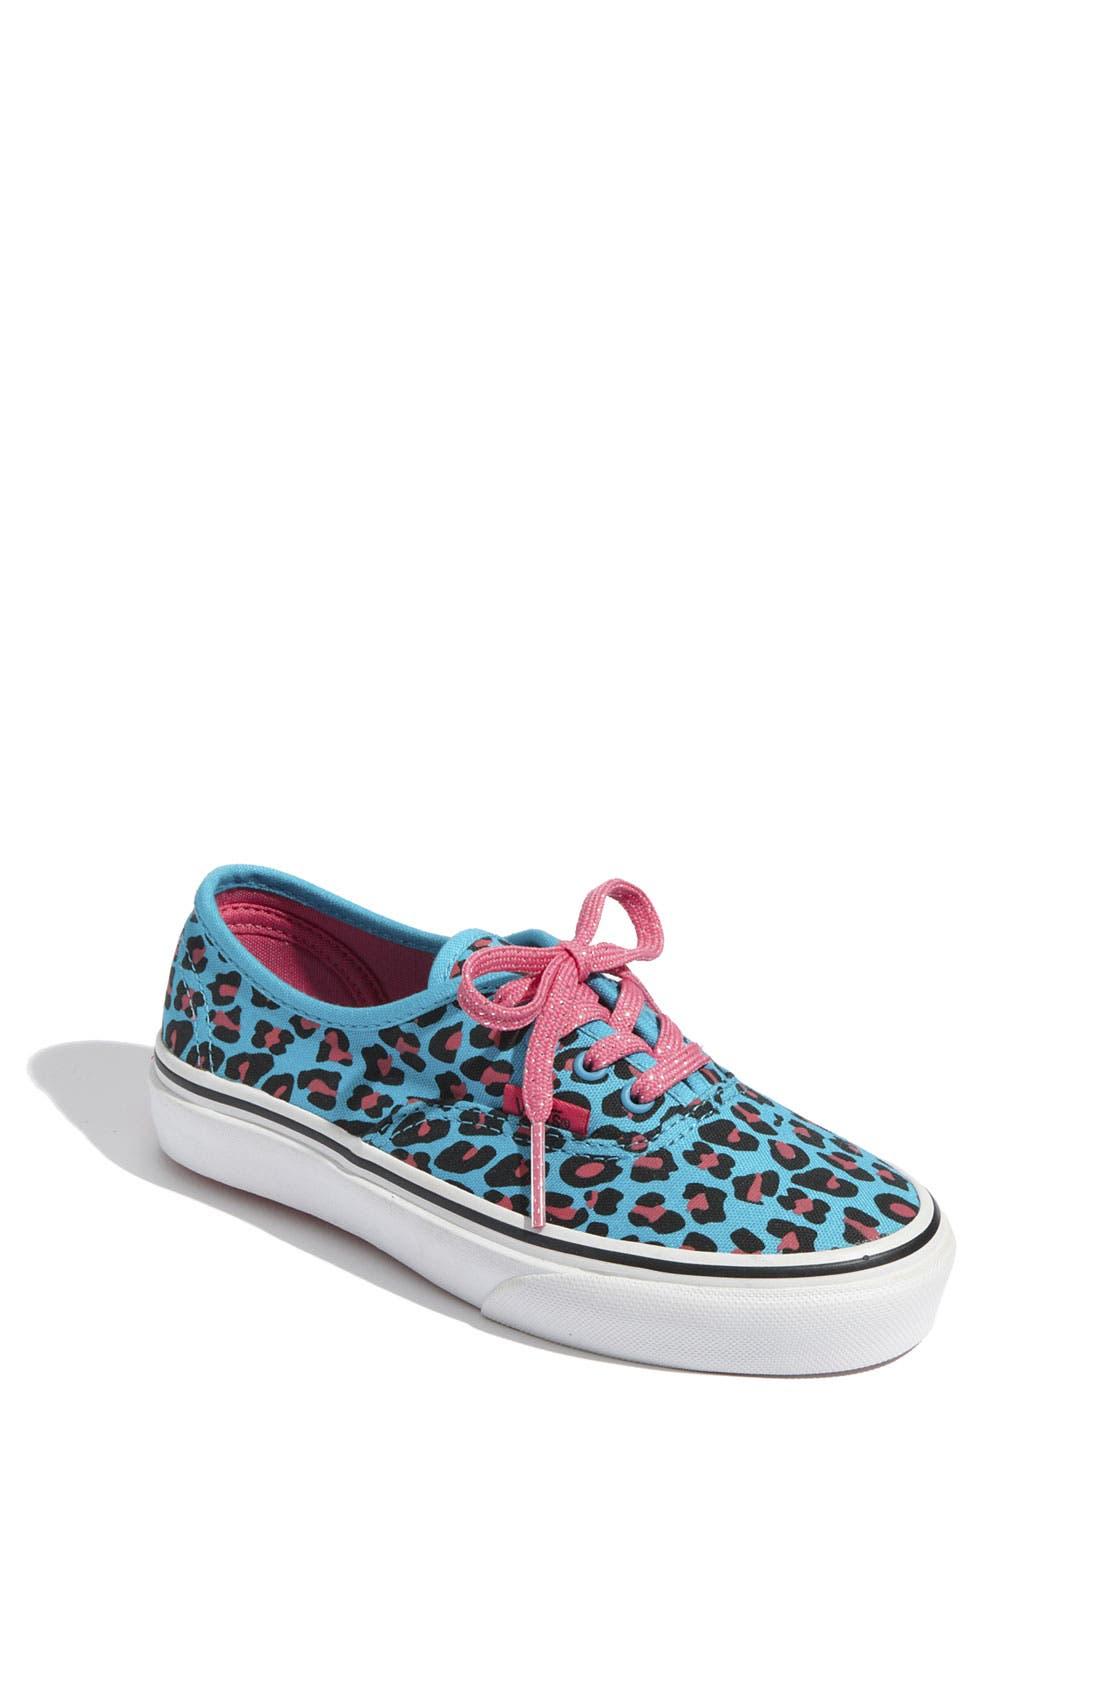 Alternate Image 1 Selected - Vans 'Cheetah' Sneaker (Toddler, Little Kid & Big Kid)